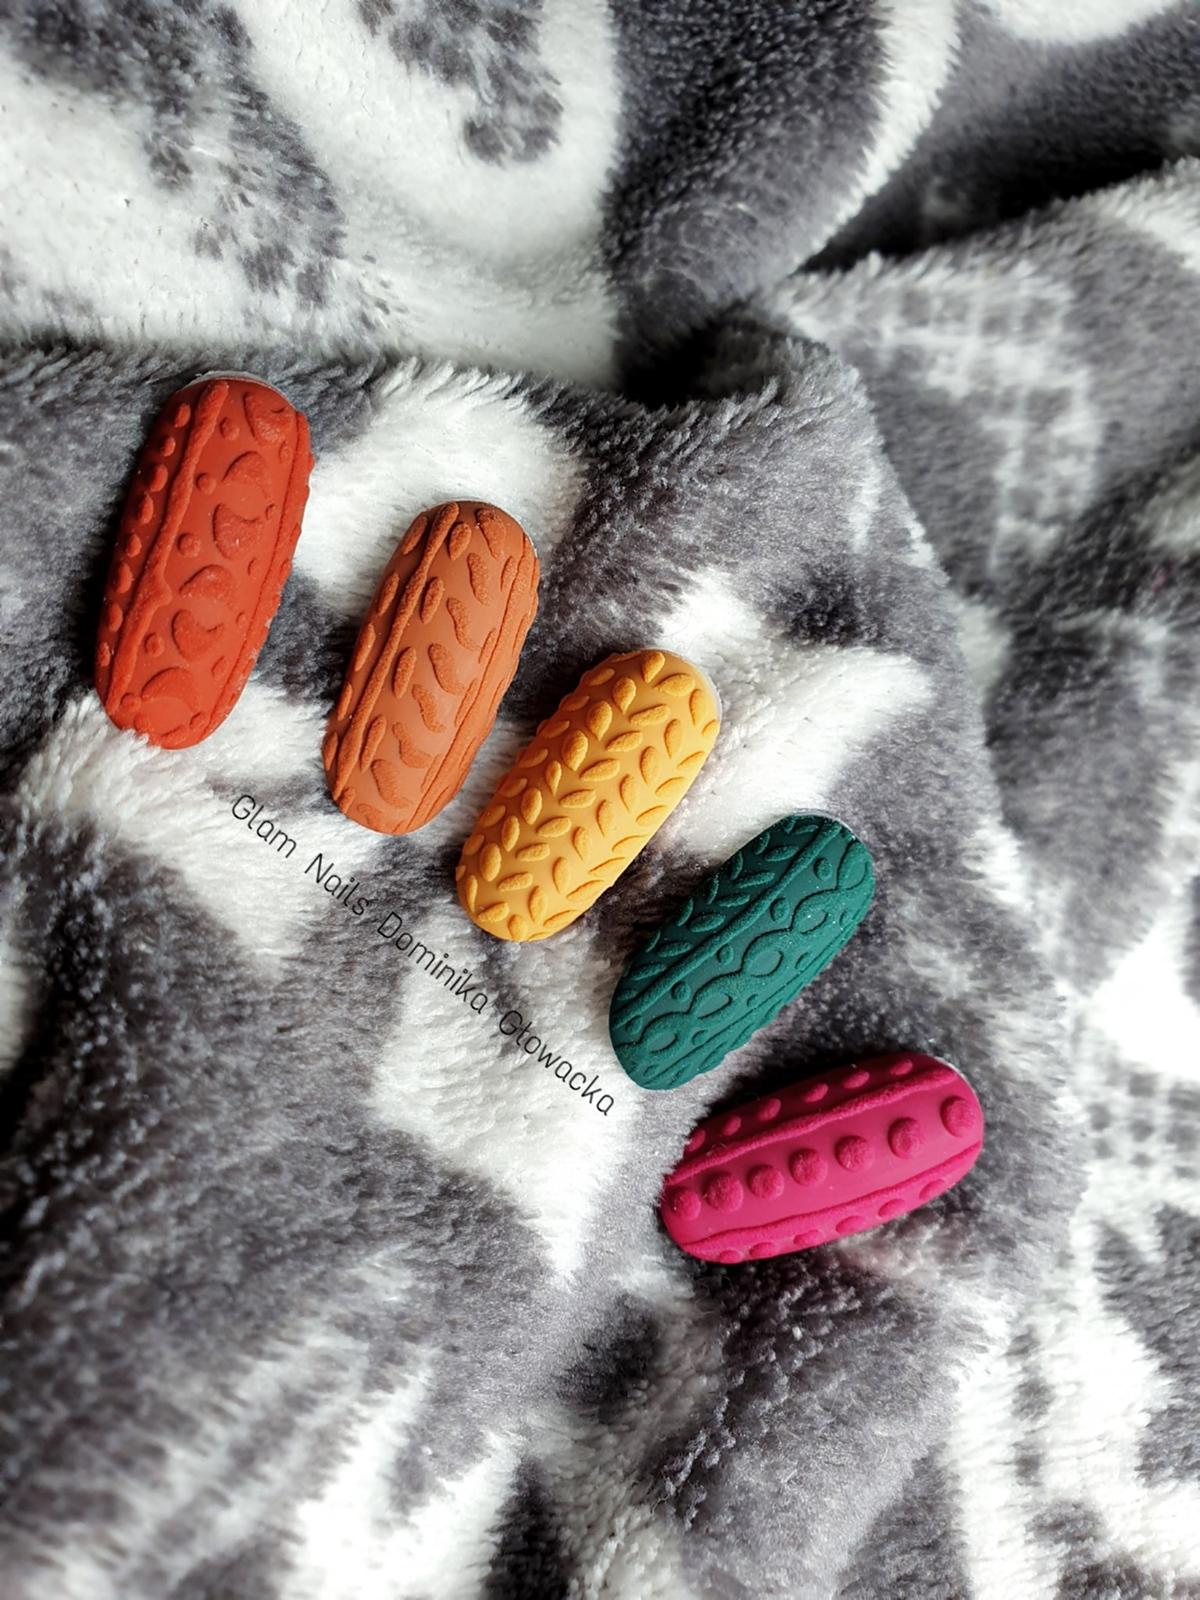 sweterek na paznokciach